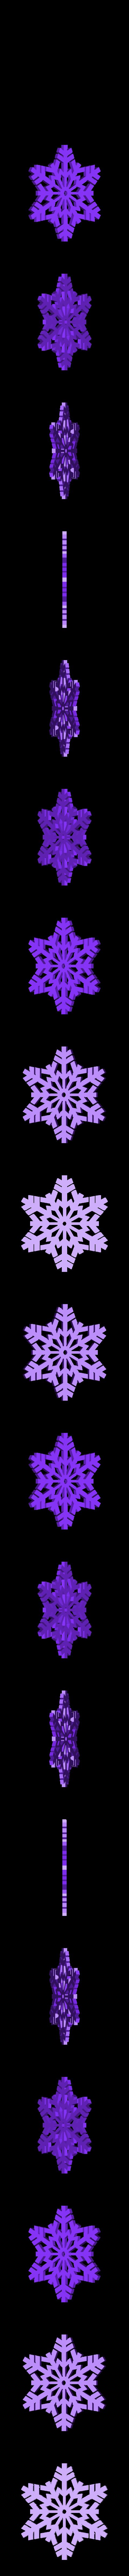 SnowFlake.STL Download free STL file Snowflake • 3D printable object, PortoCruz675